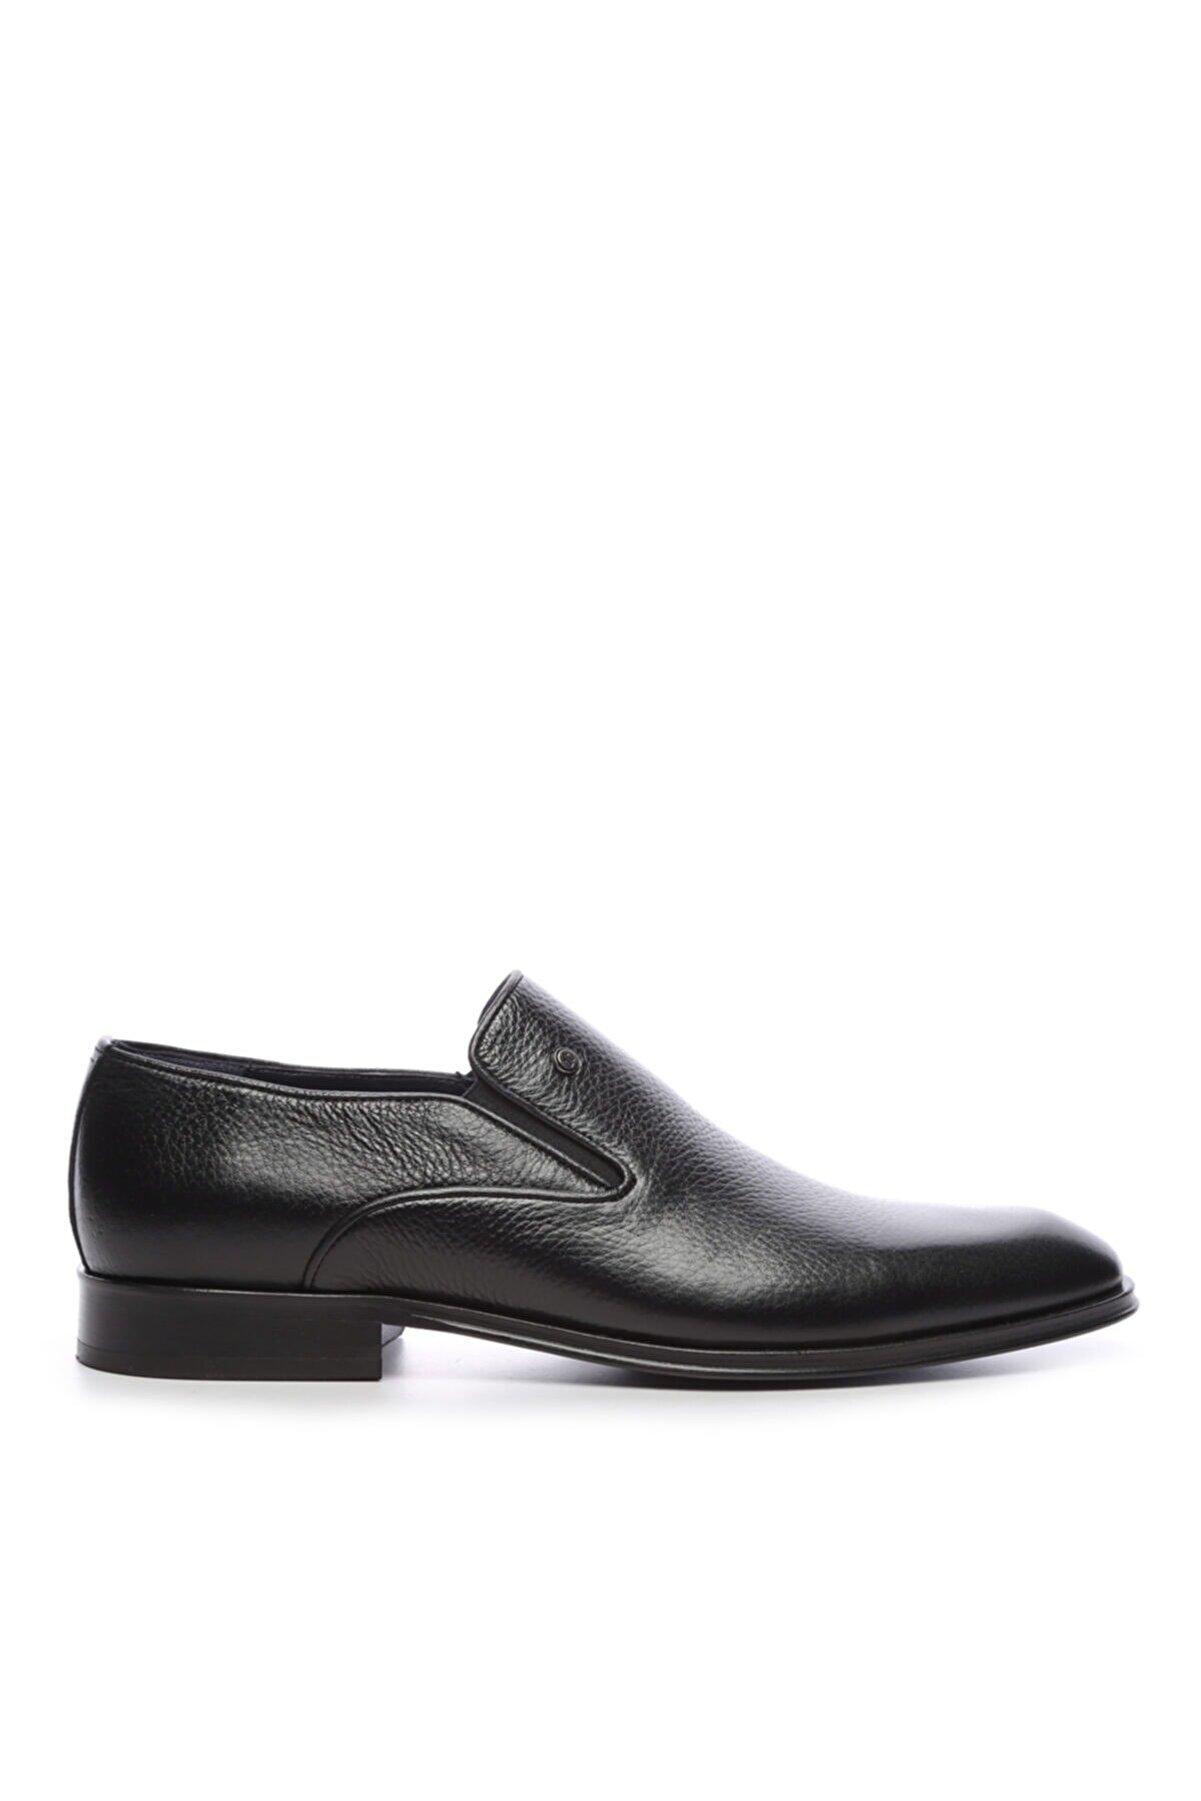 Kemal Tanca Erkek Derı Klasik Ayakkabı 221 556 K Erk Ayk Sk19-20